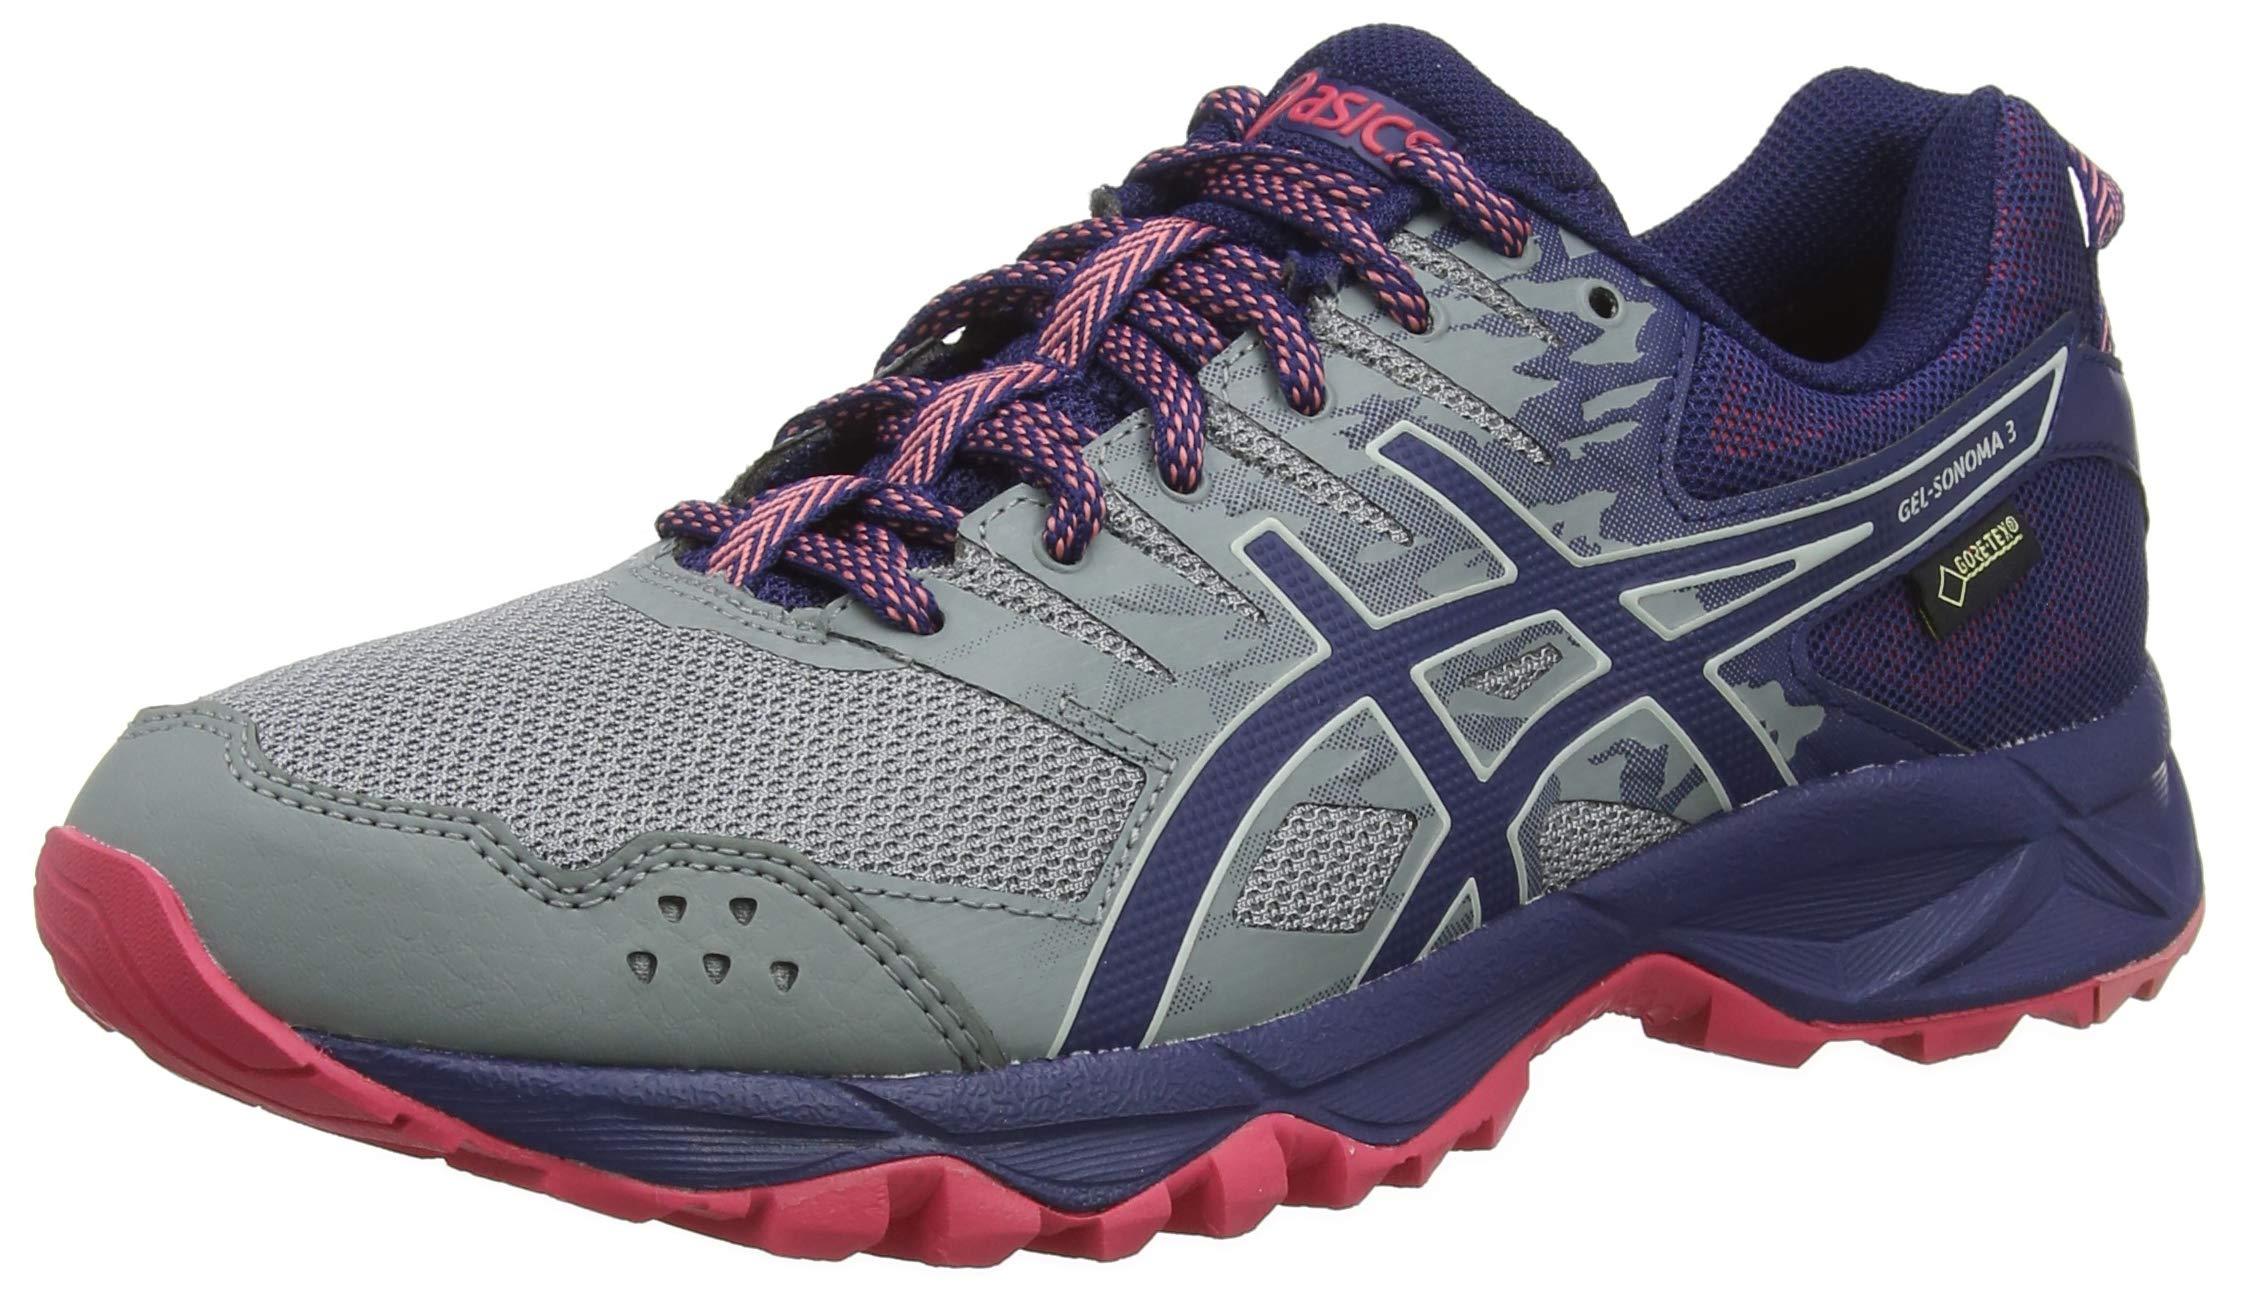 online retailer 991d0 cc2ce Asics Gel-Sonoma 3 G-Tx,Chaussures de Trail Femme product image